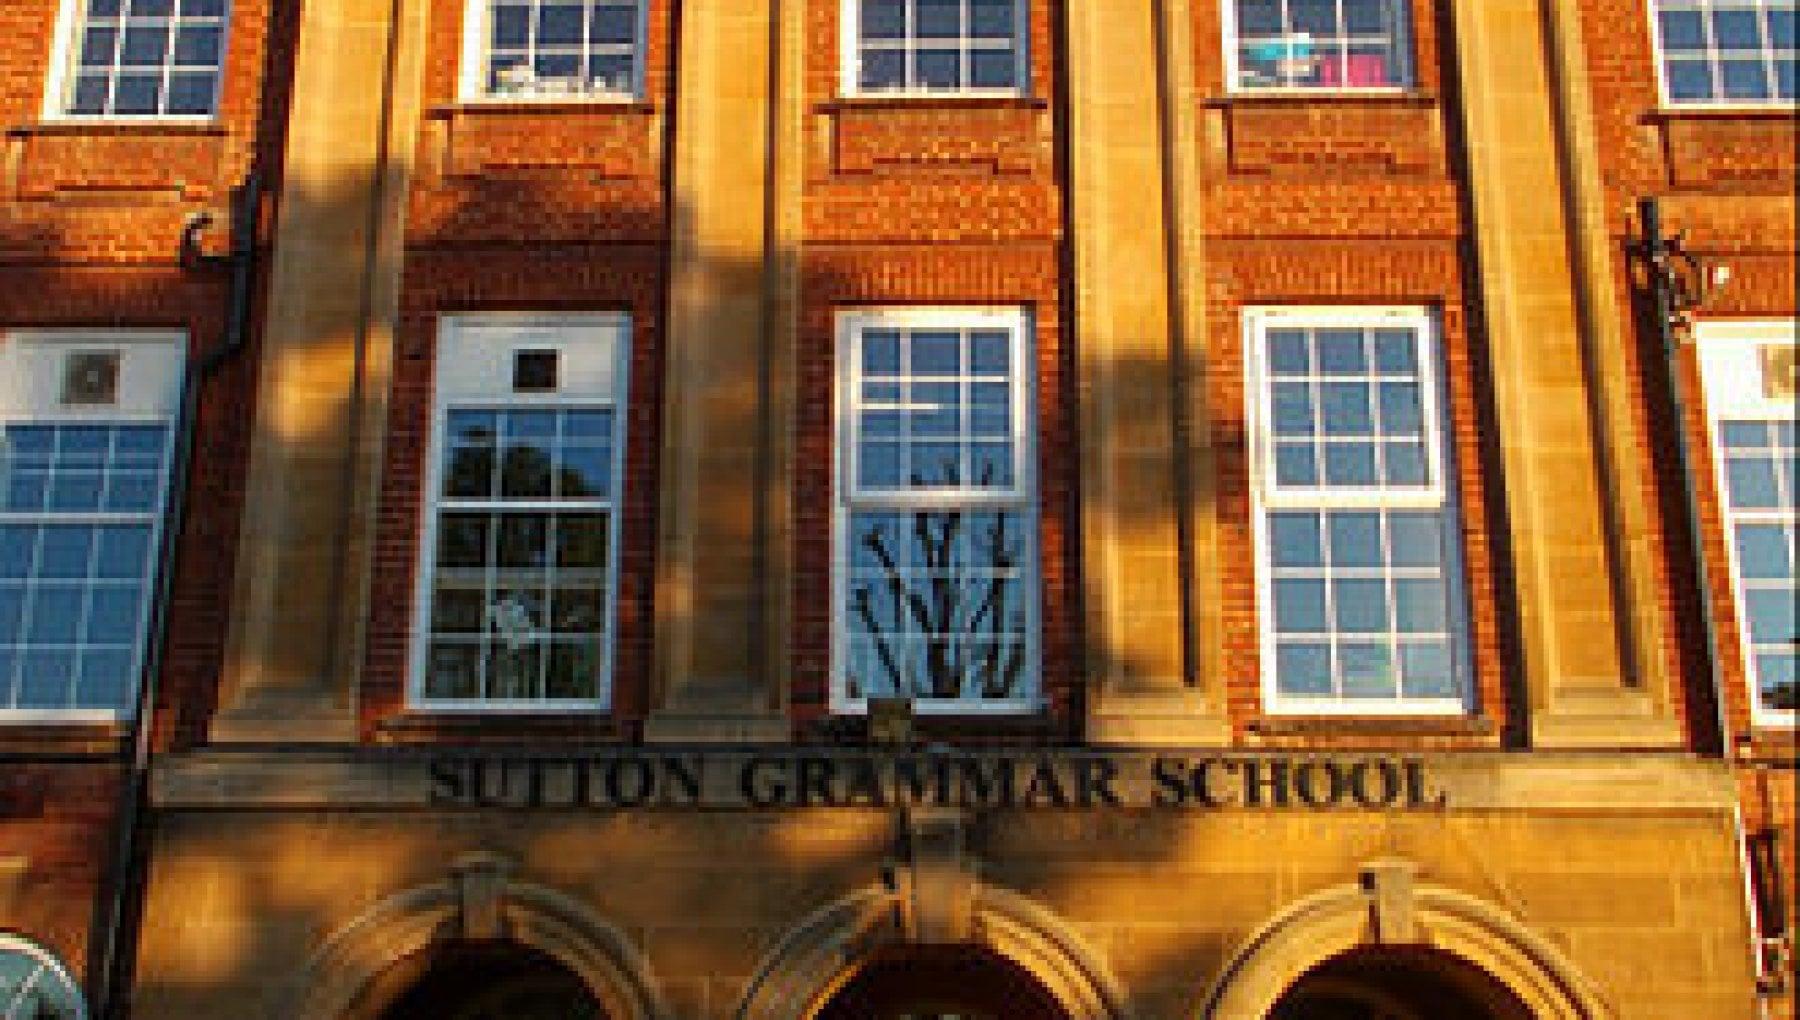 """161204307 4300f4ac b44a 454e 8847 03121ecdff94 - Latino anche nelle scuole statali britanniche: """"Non deve essere appannaggio solo degli istituti d'élite"""""""